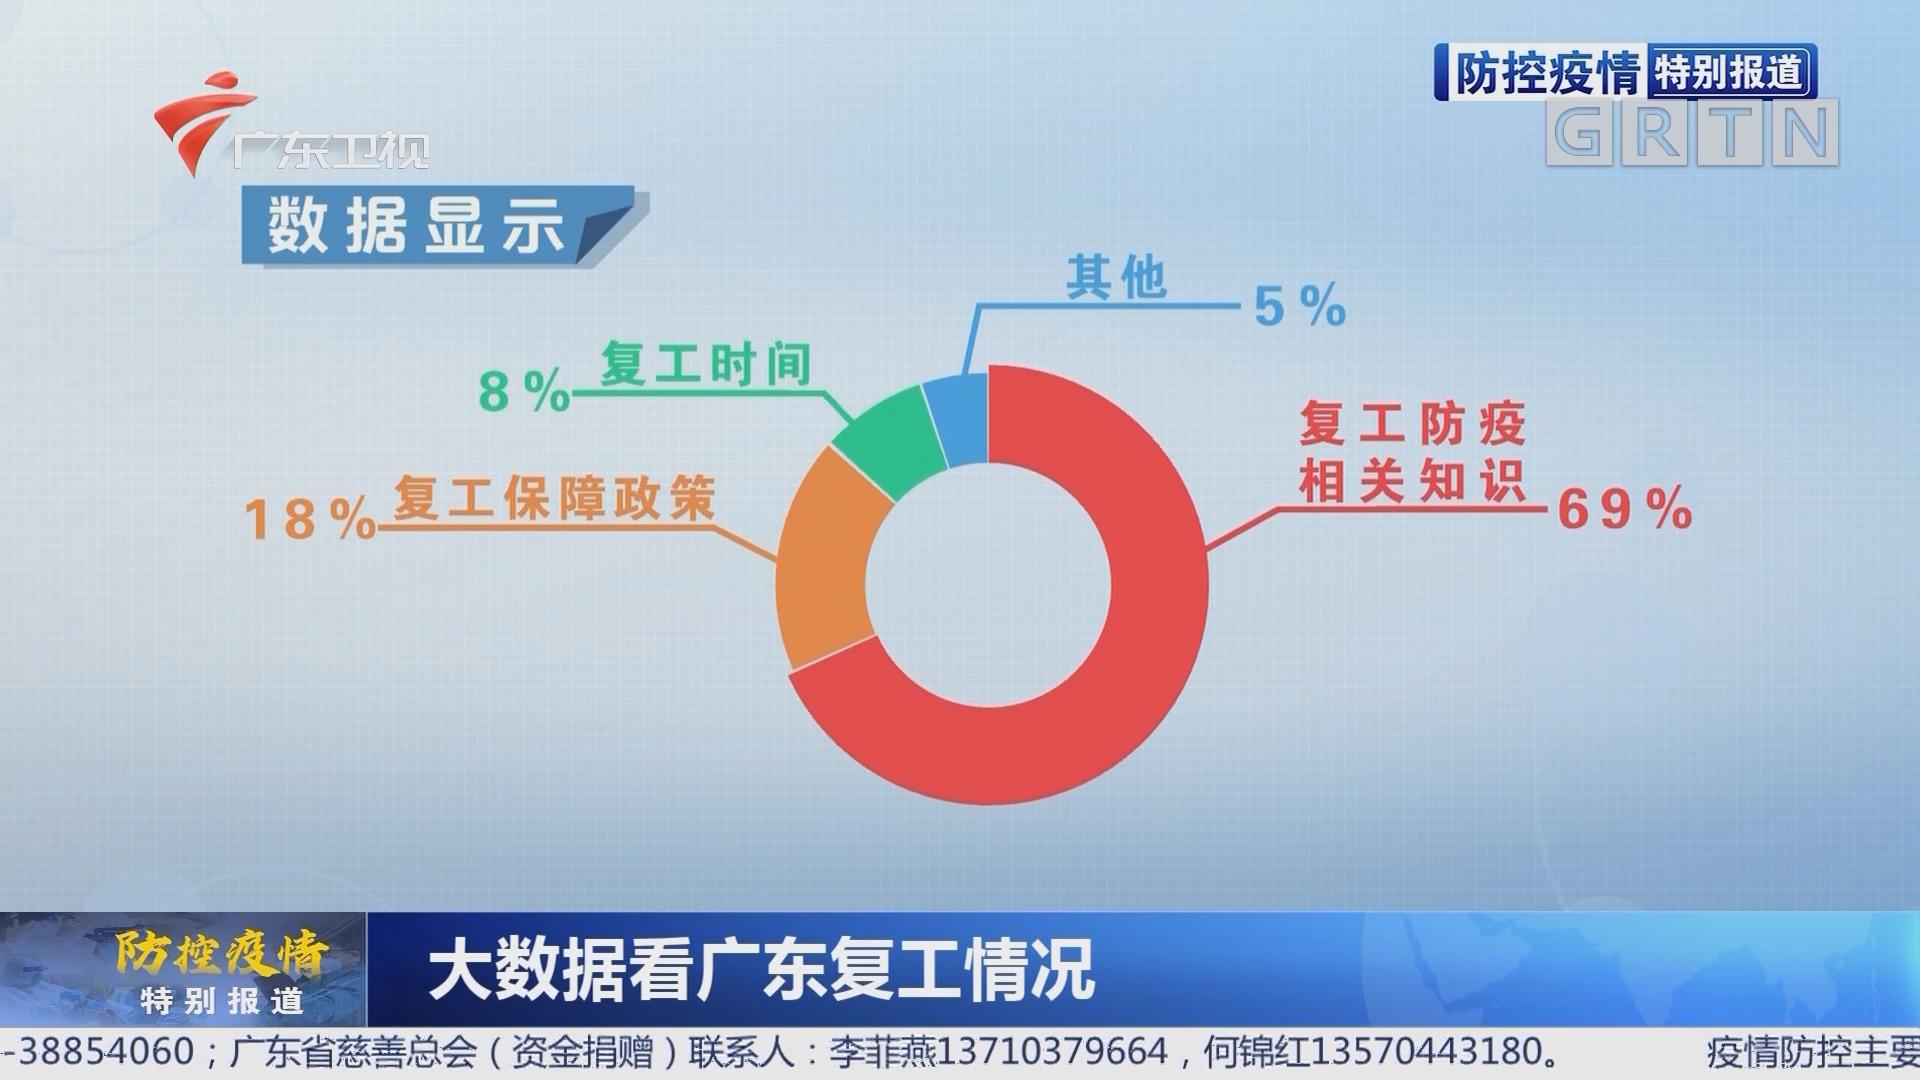 大数据看广东复工情况